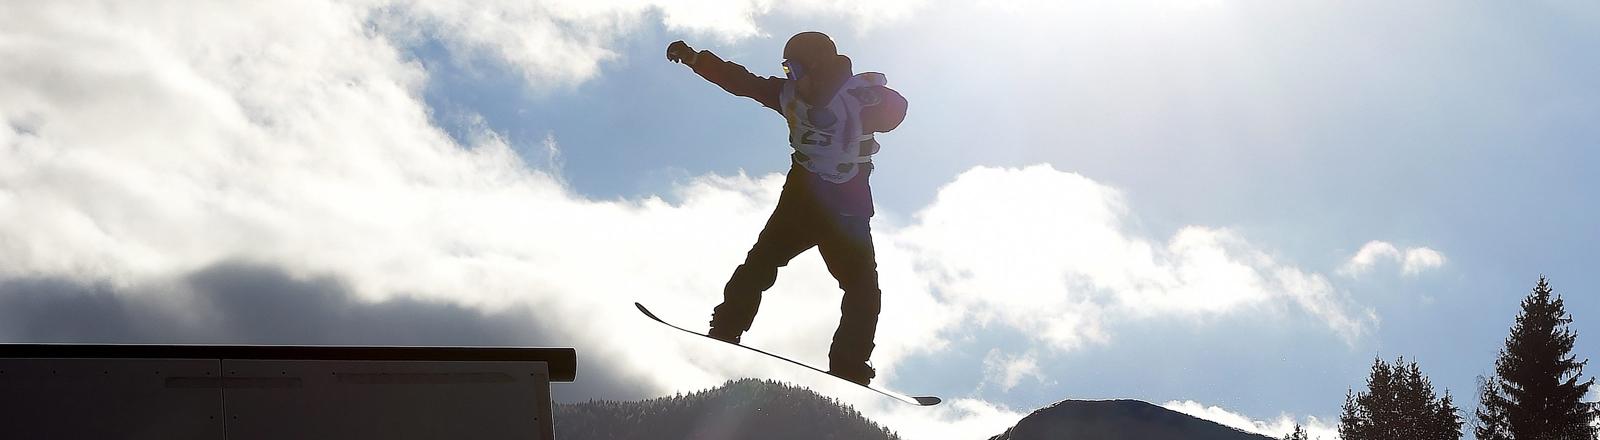 Fahrer beim Slopestyle bei den FIS Snowboard World Championships 2015 in Kreischberg,